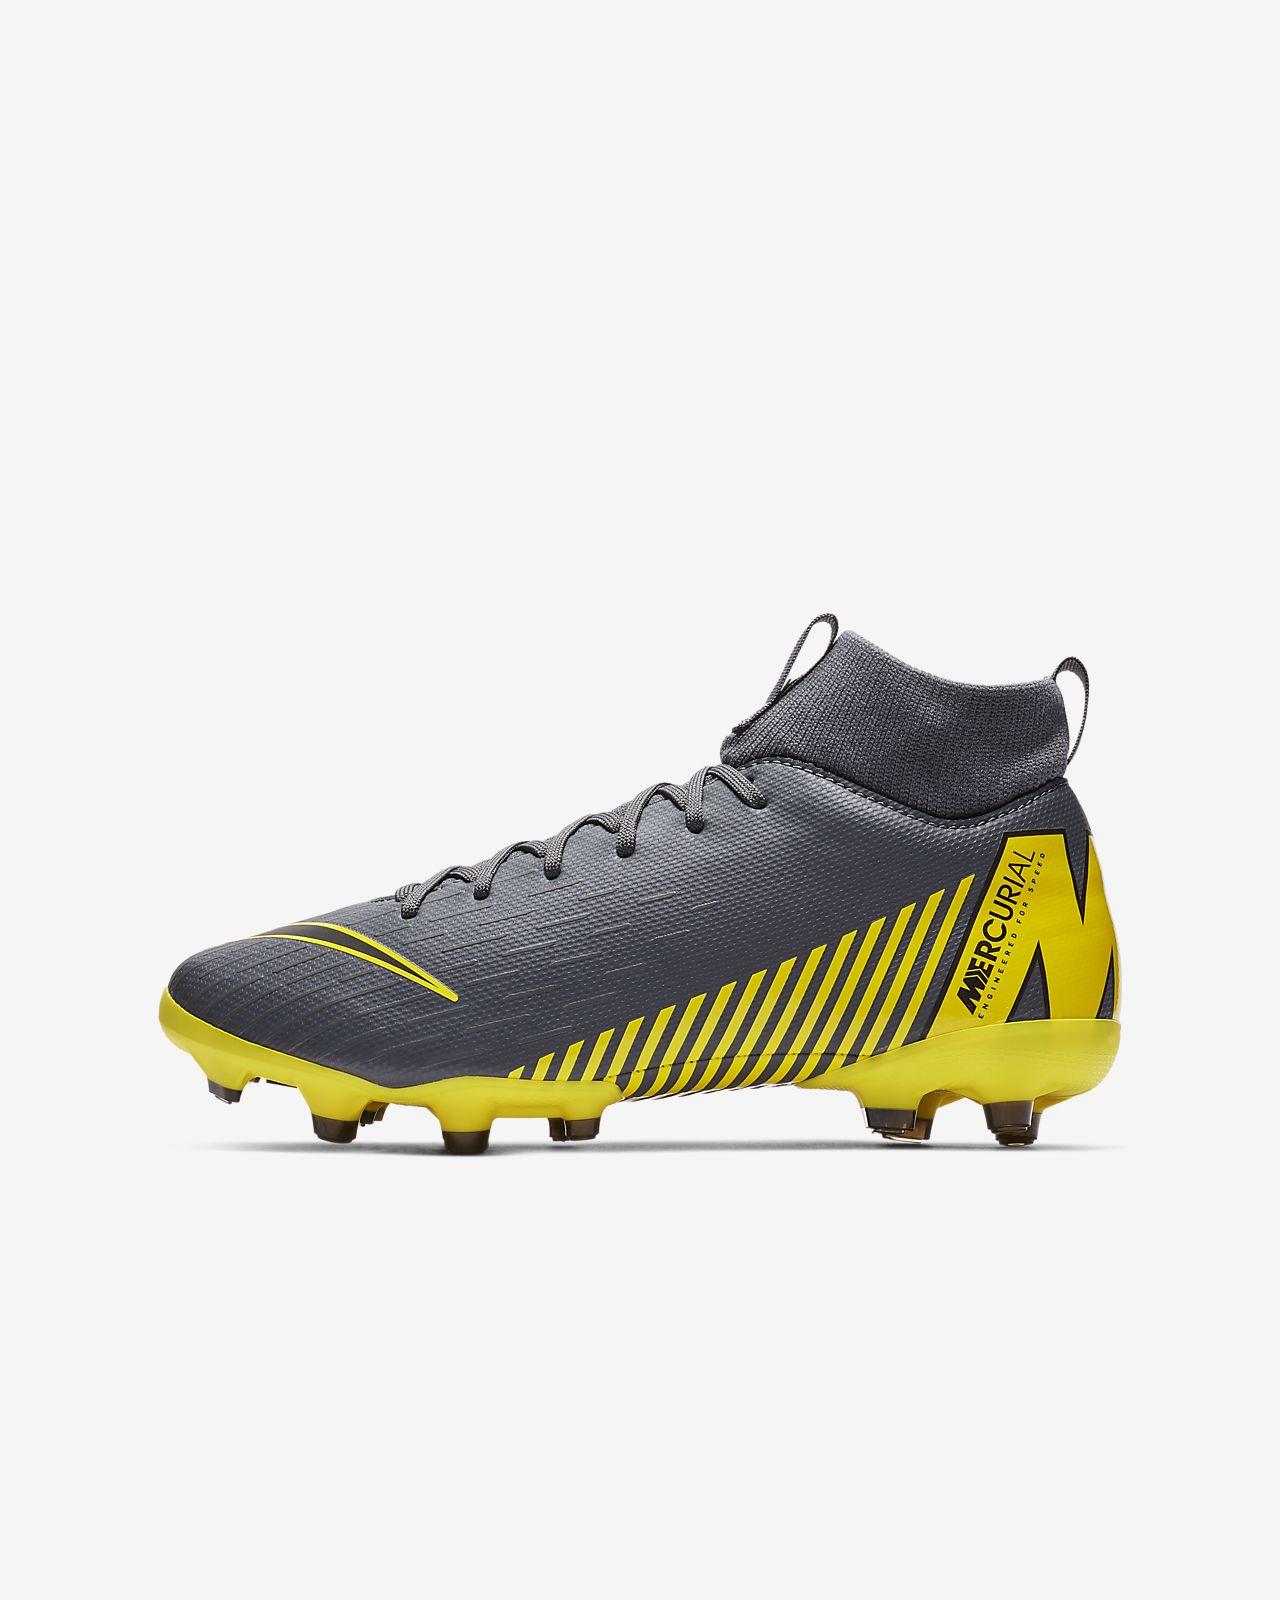 Nike Jr. Superfly 6 Academy MG Game Over-fodboldstøvlen til små og store børn til flere typer underlag